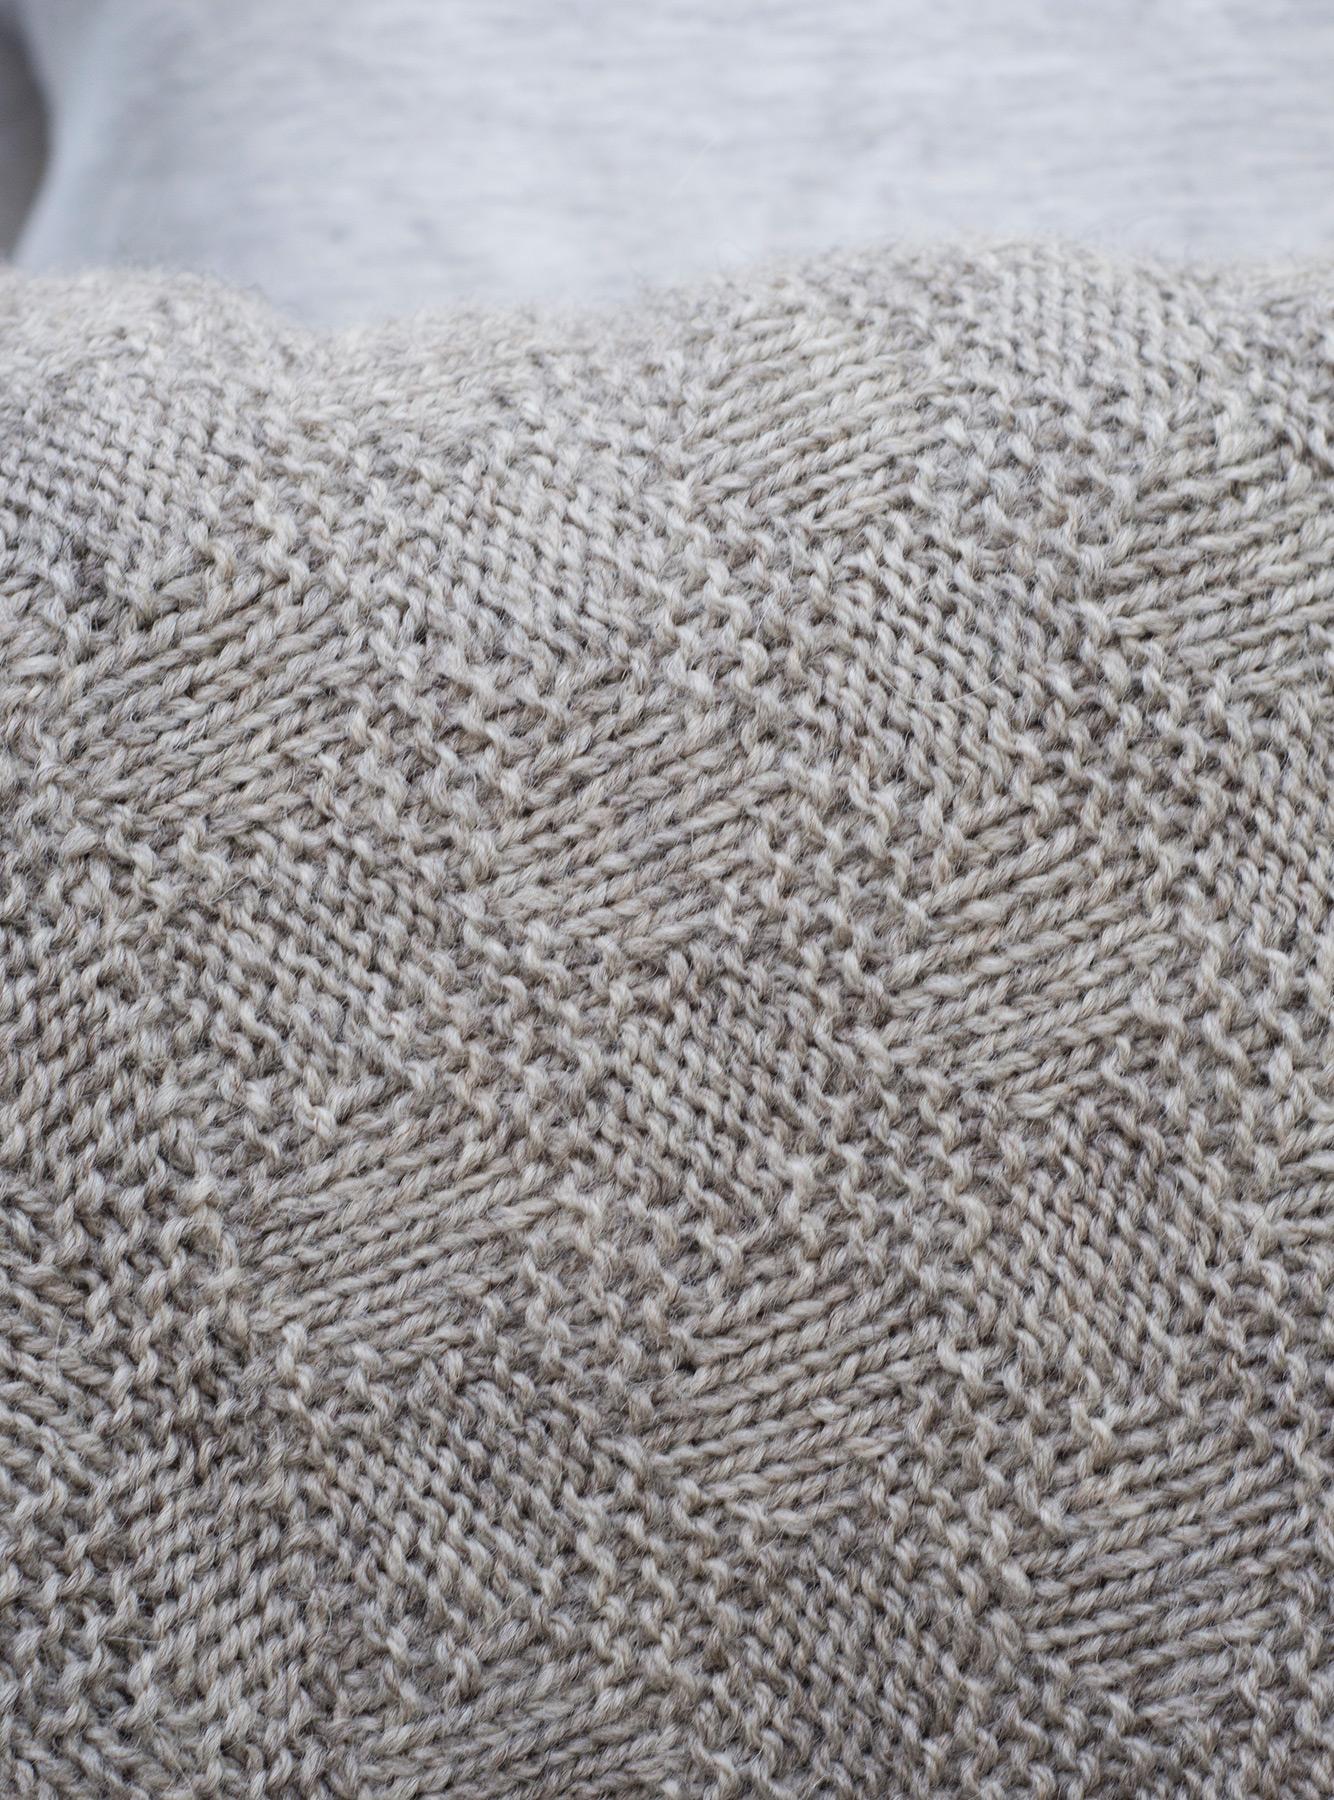 Closeup of shawl